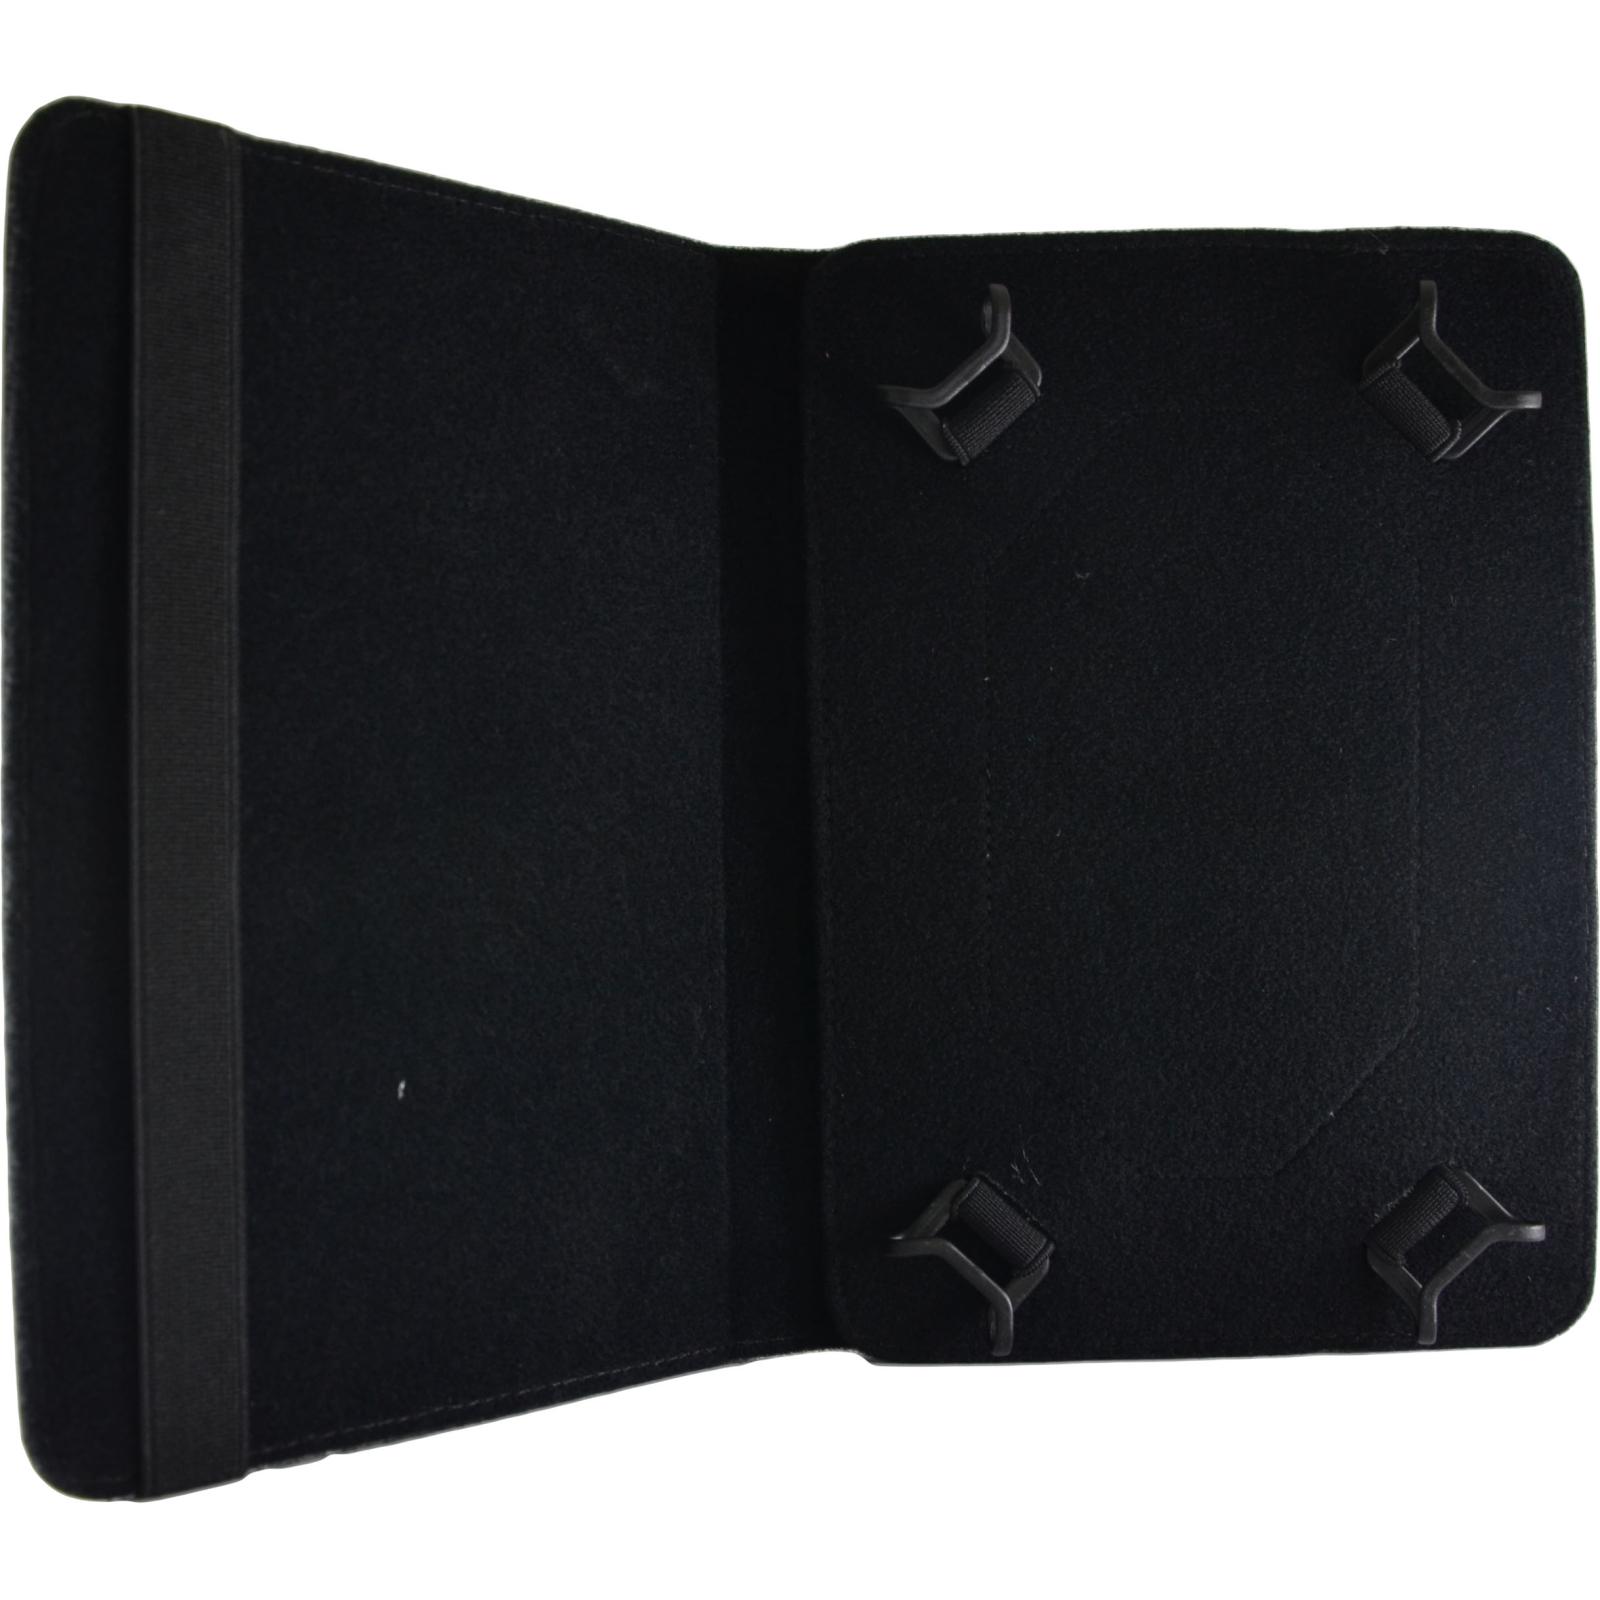 """Чехол для планшета Pro-case Чохол планшету універсальний Pro-case case fits up 10"""" black (UNS-022) изображение 3"""